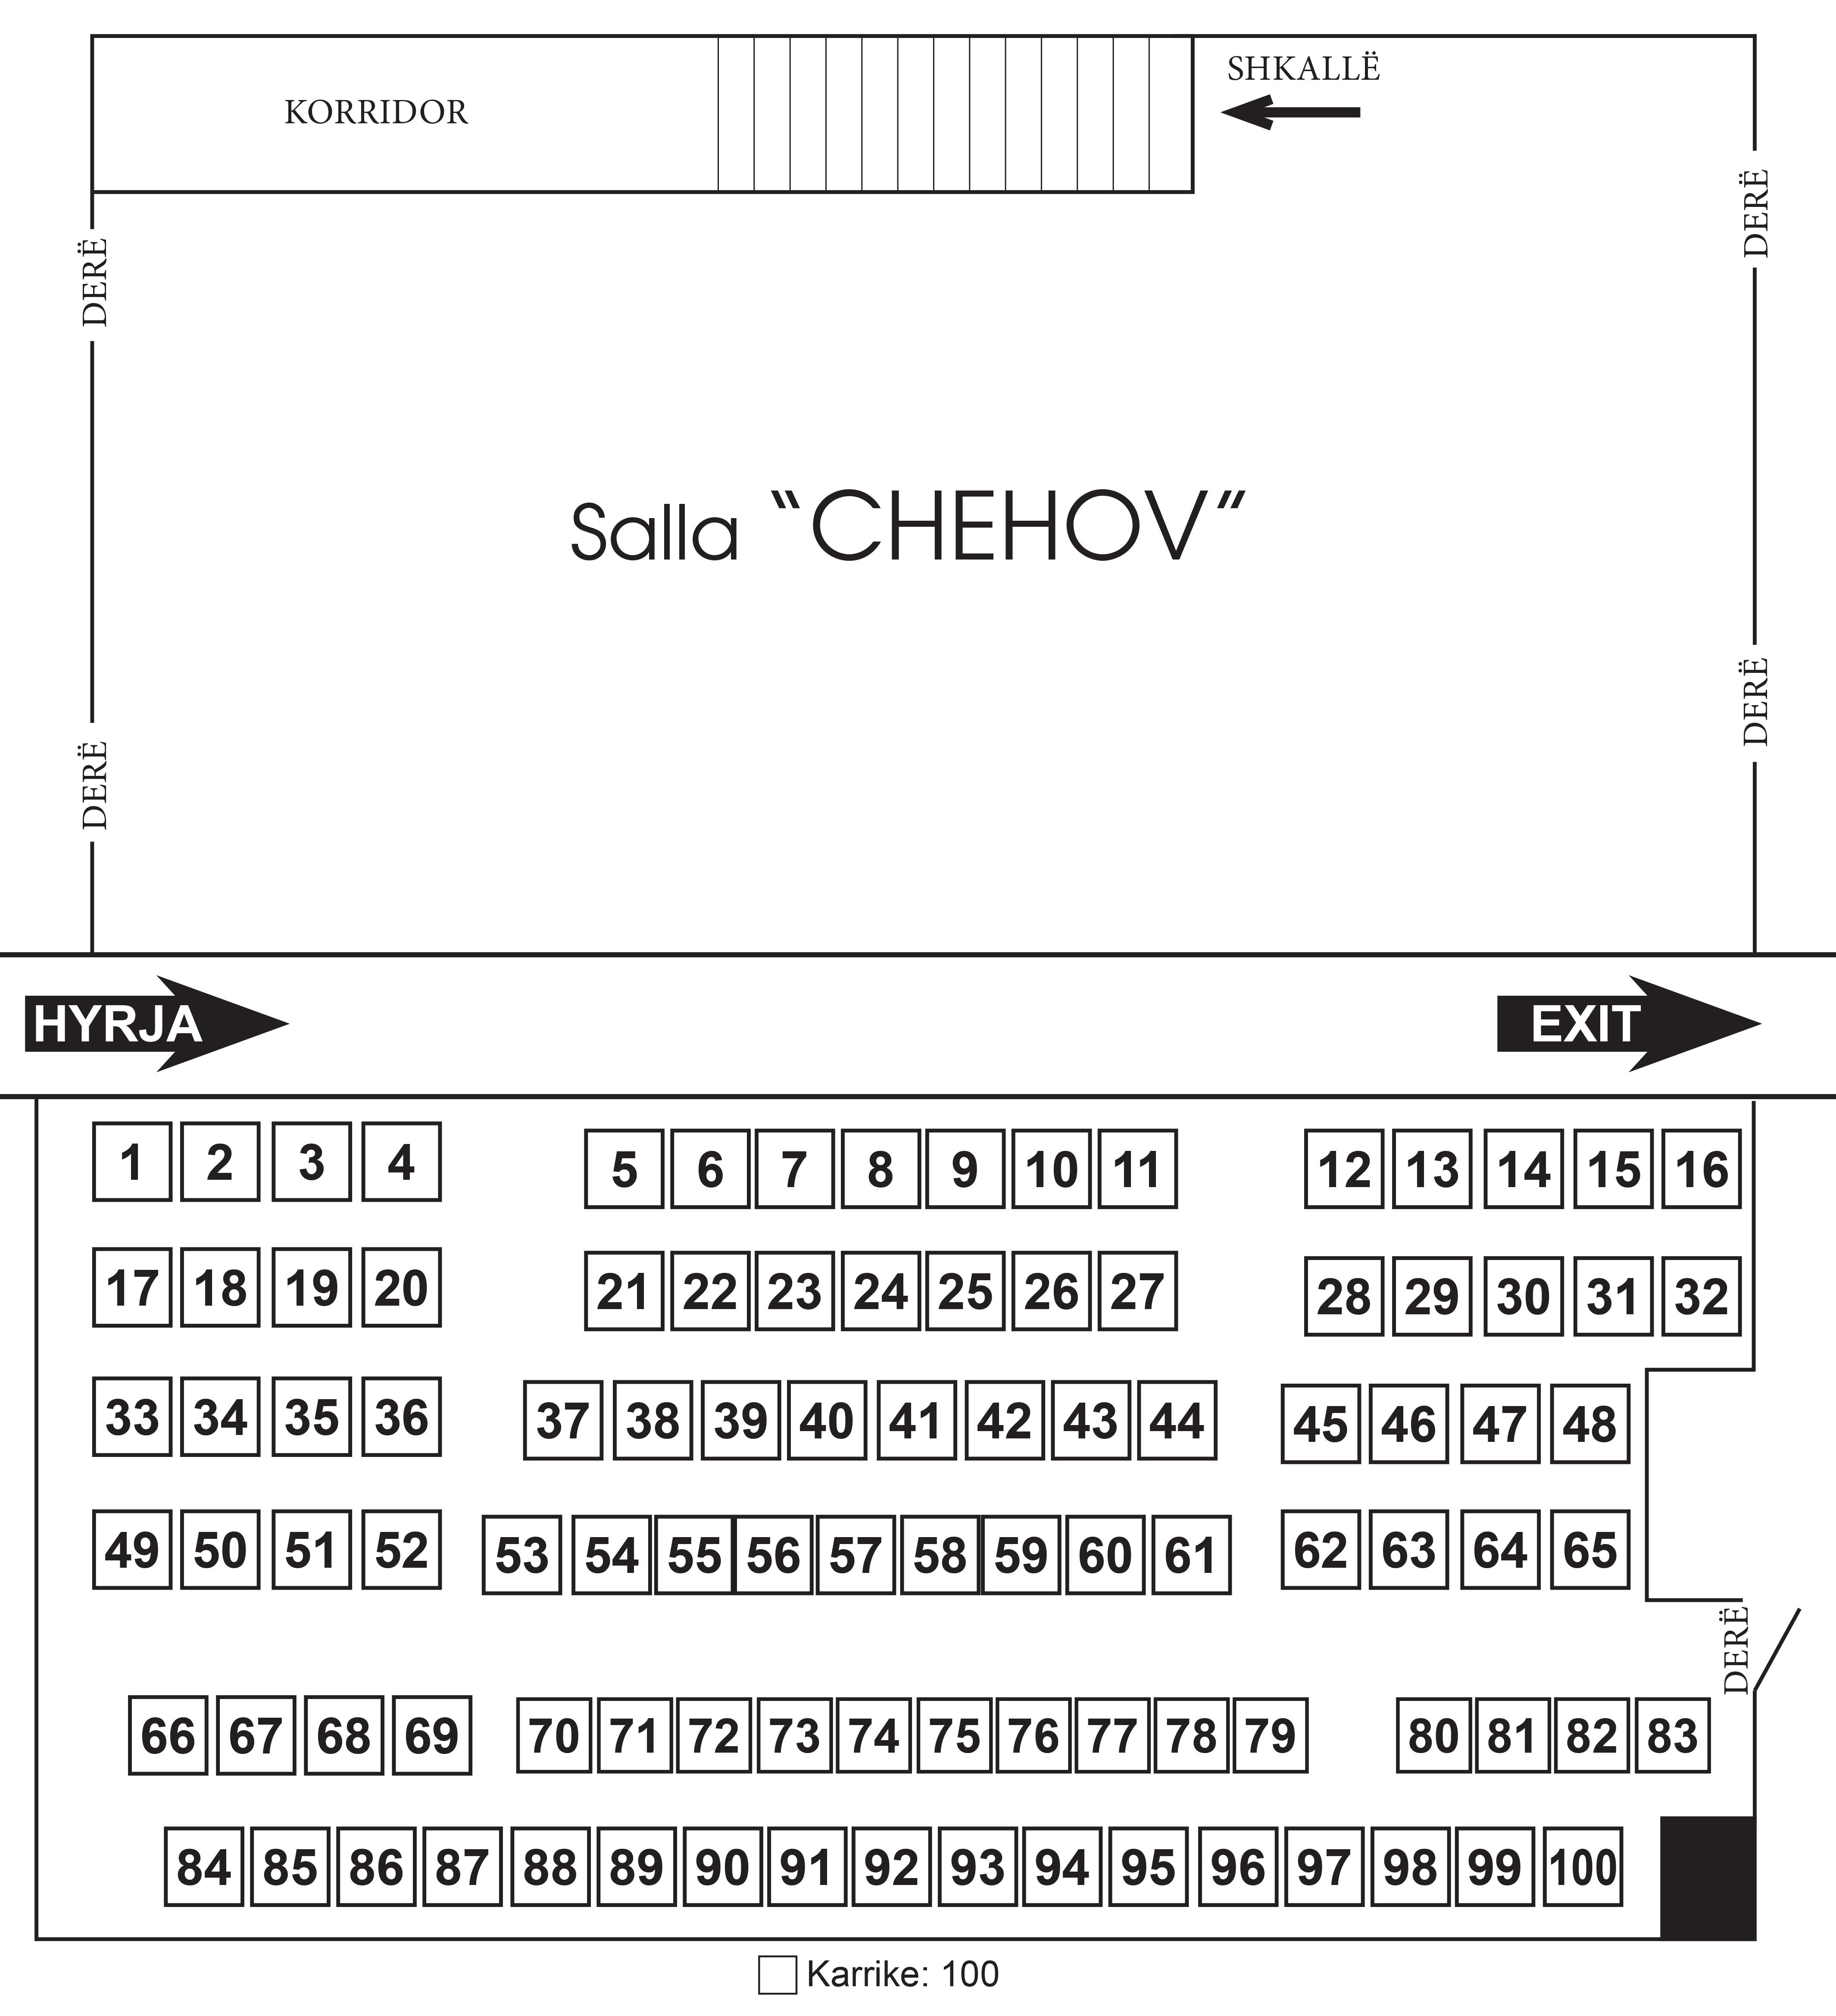 Salla Chehov